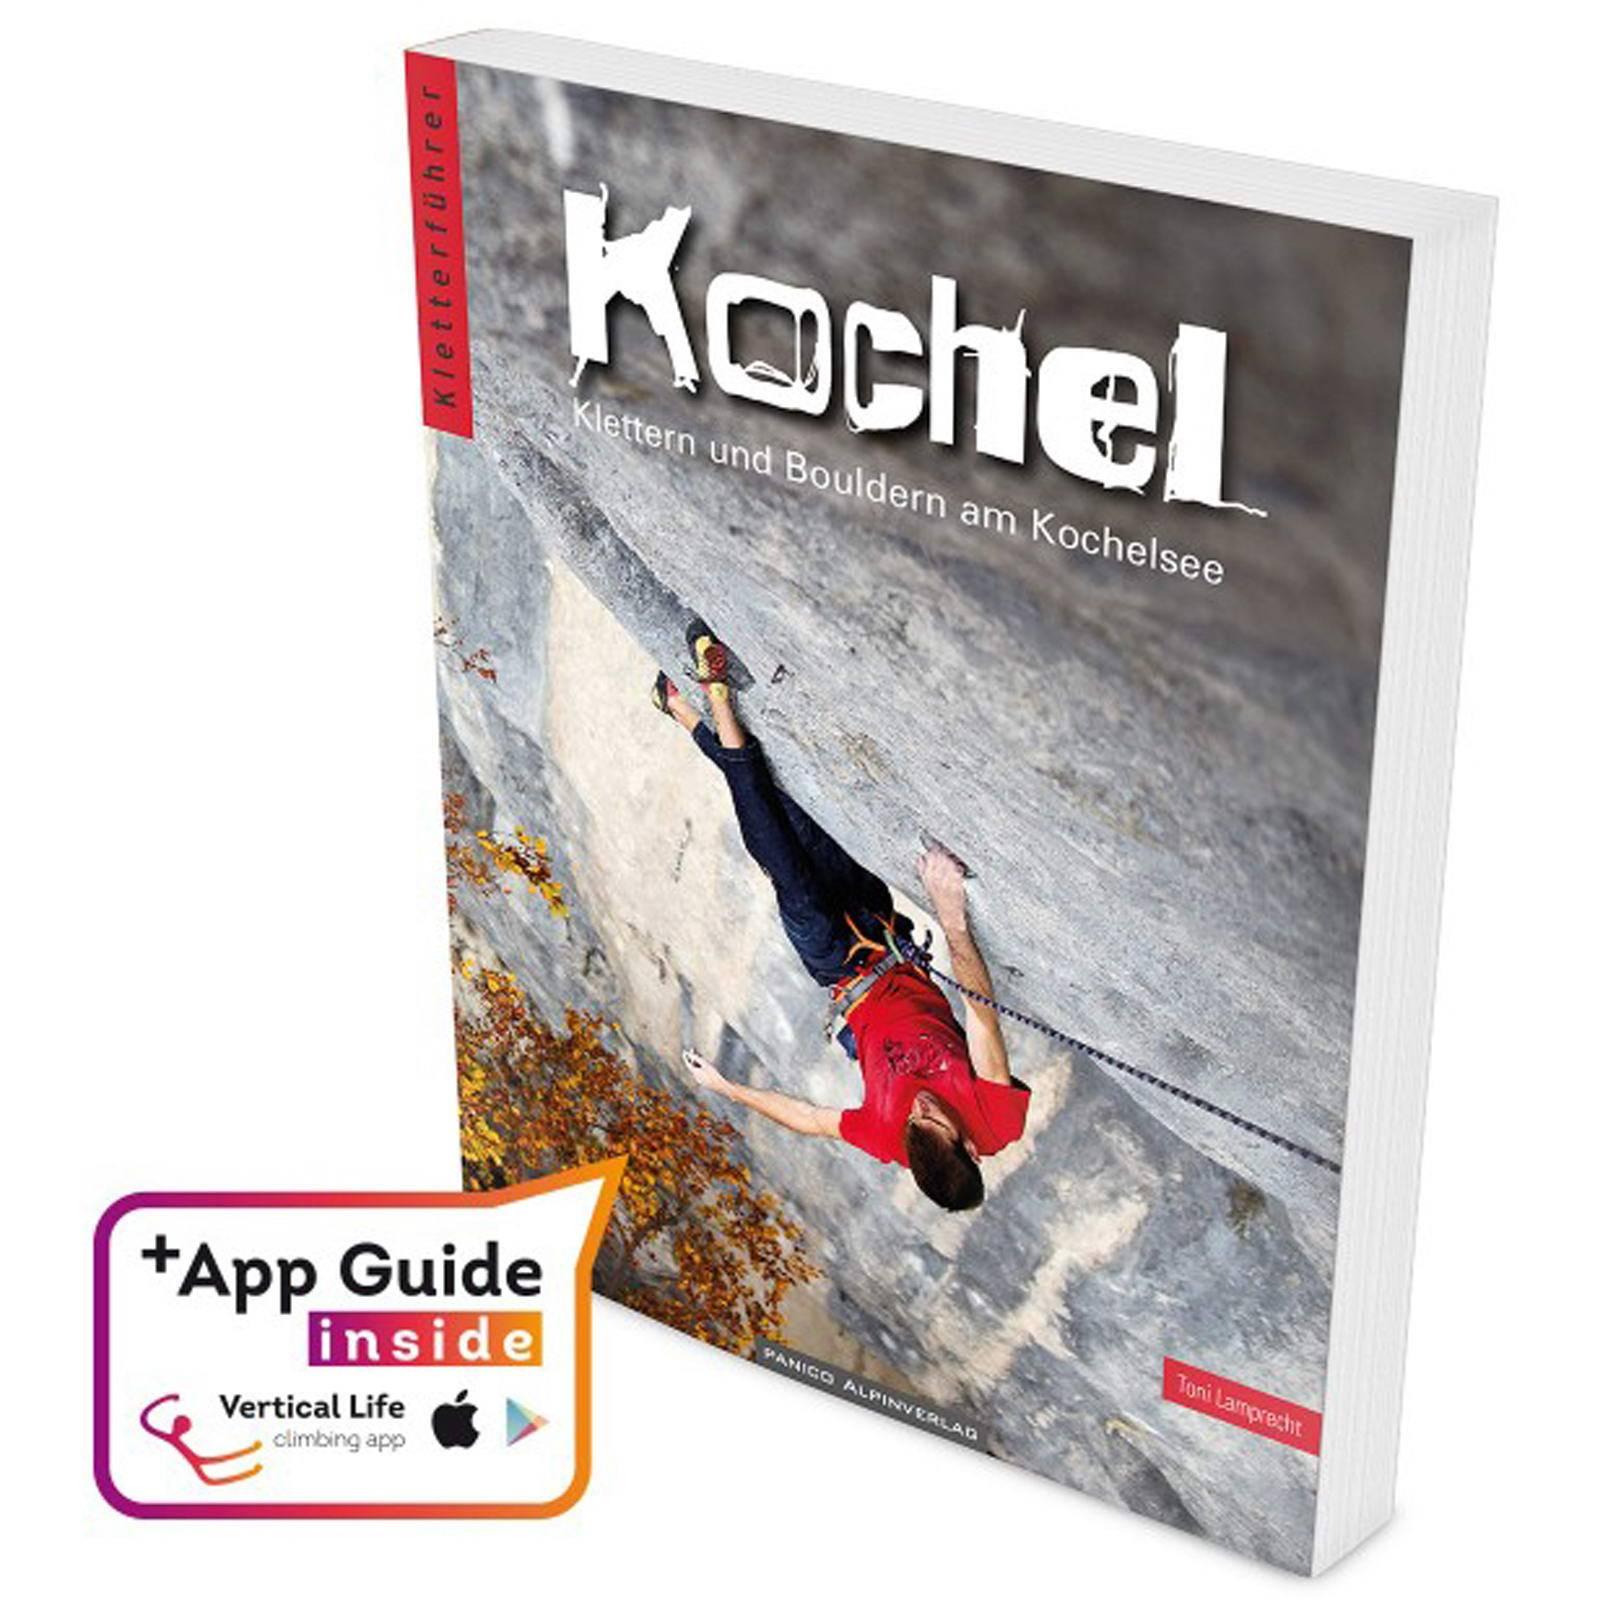 Panico Verlag Kochel - KletterfĂĽhrer